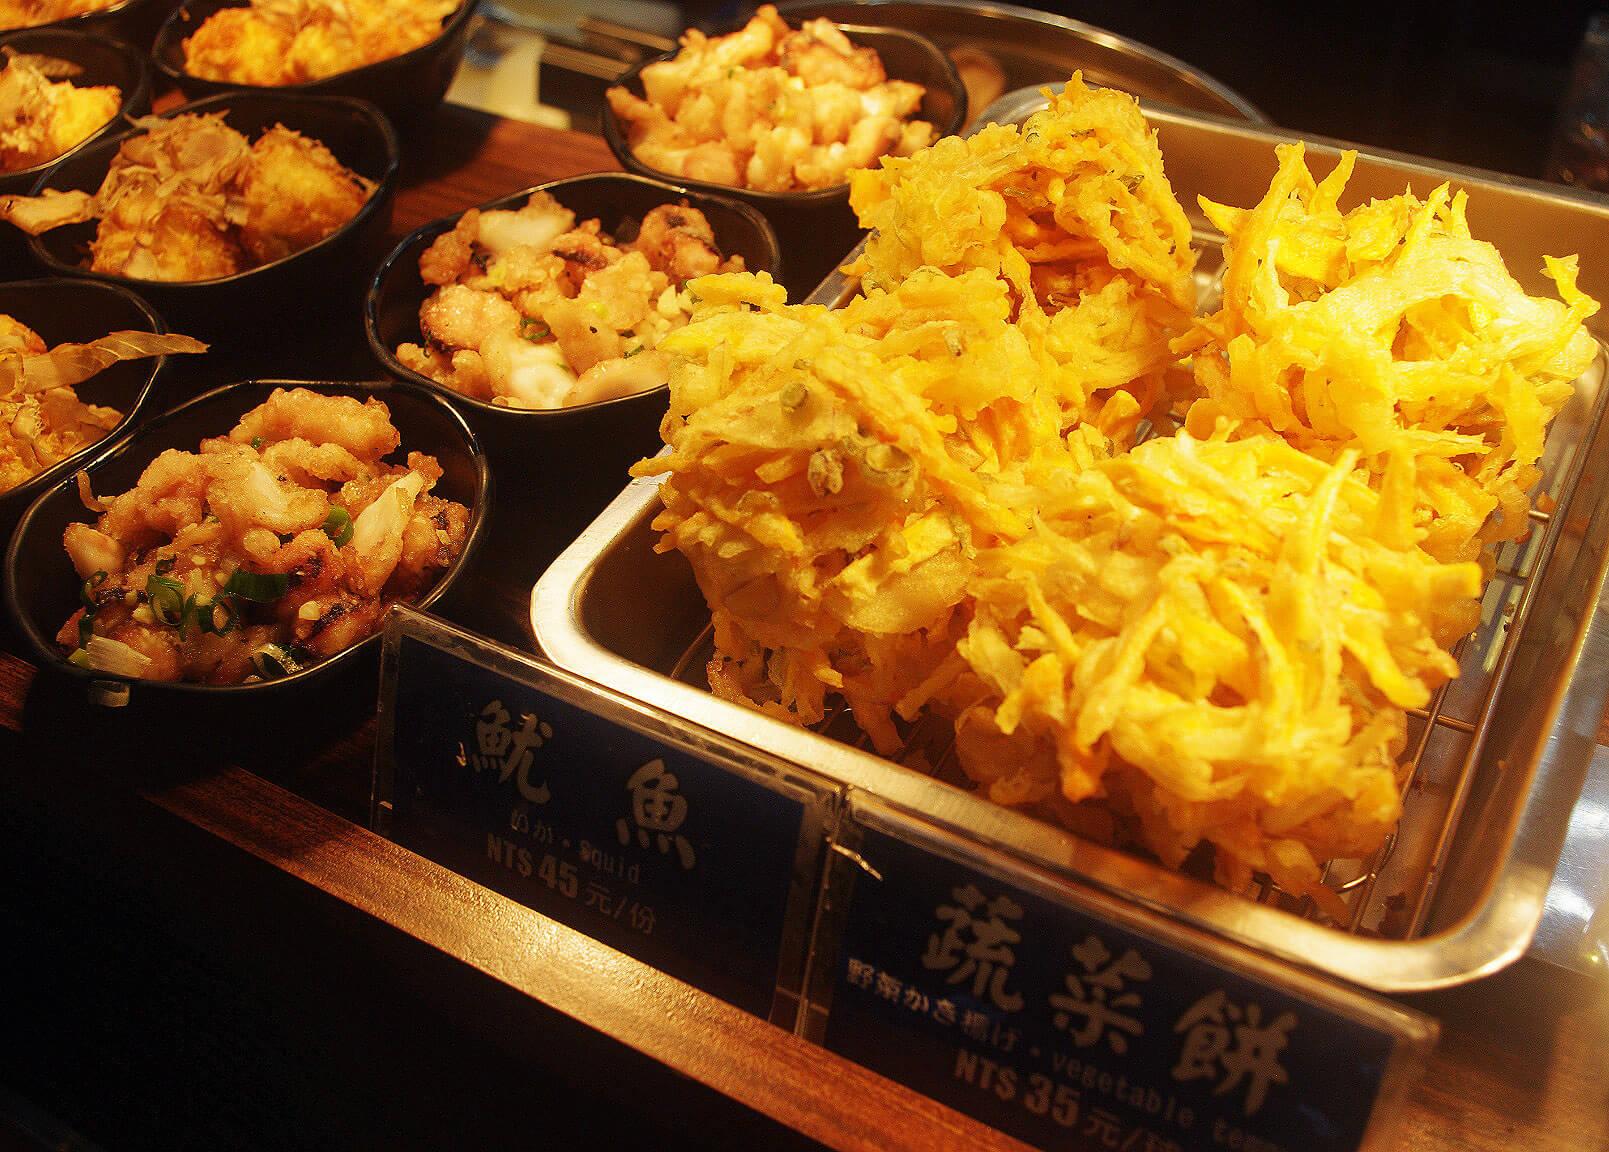 米澤製麵古亭店為自助式服務,可以挑選自己喜歡的配菜。(圖/吐司客拍攝)